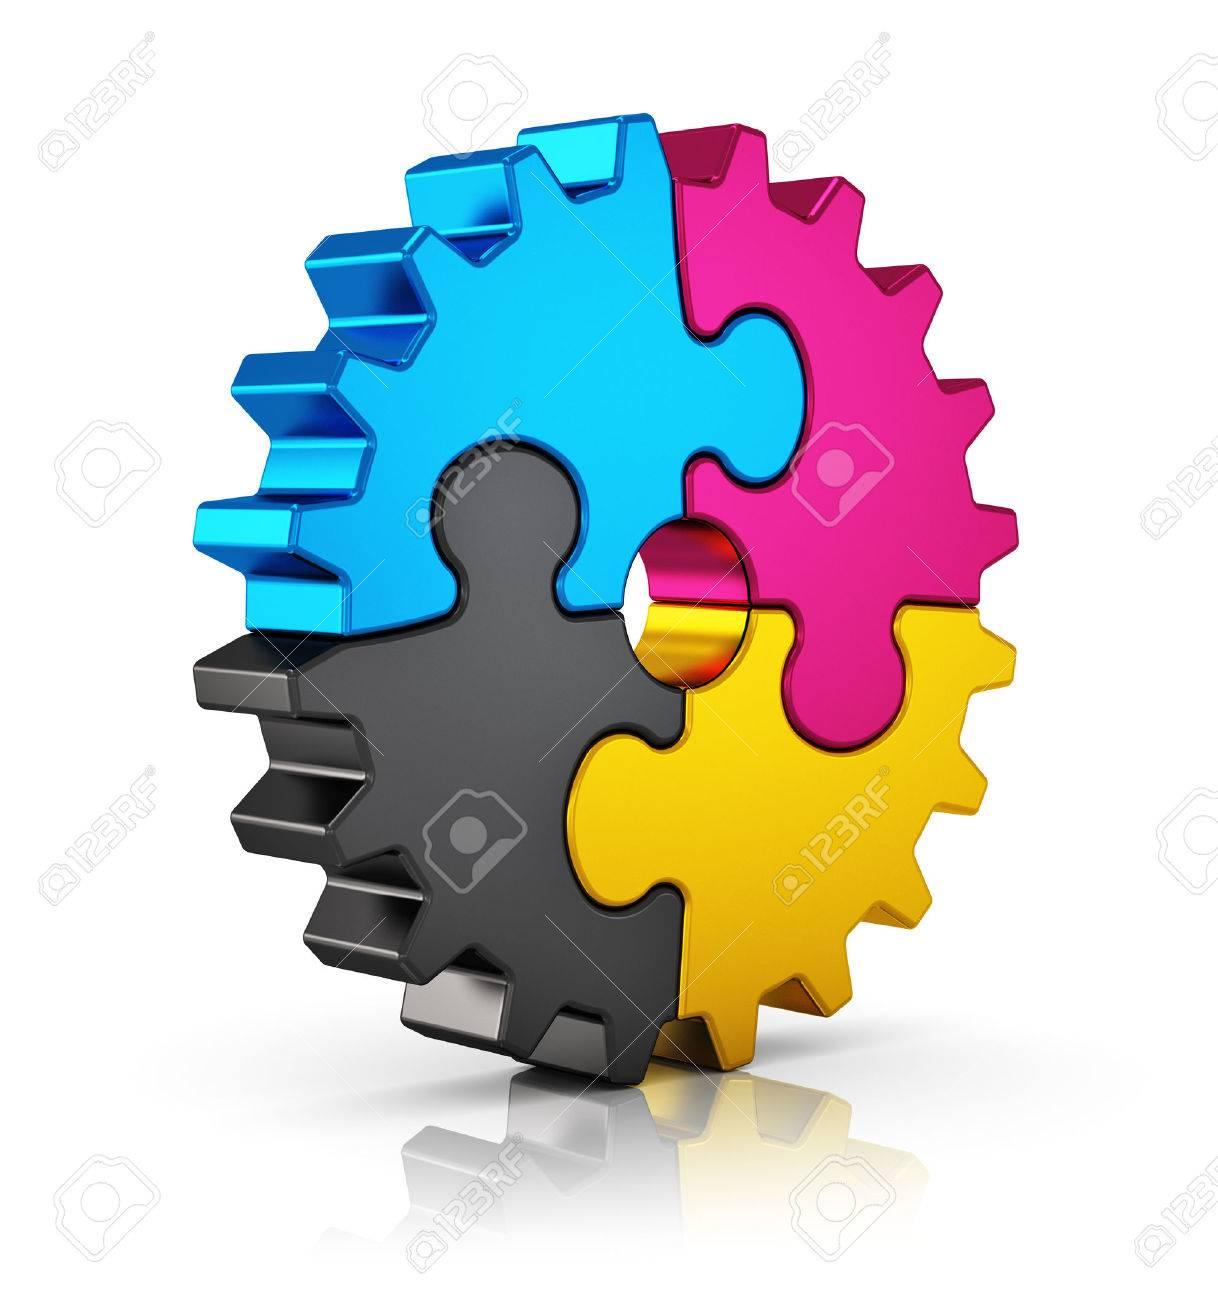 Color art tipografia - Foto De Archivo La Tecnolog A Inform Tica La Impresi N En Color Creativo Tipograf A Prensa Y Ediciones Concepto Abstracto Cmyk Colorido Rompecabezas